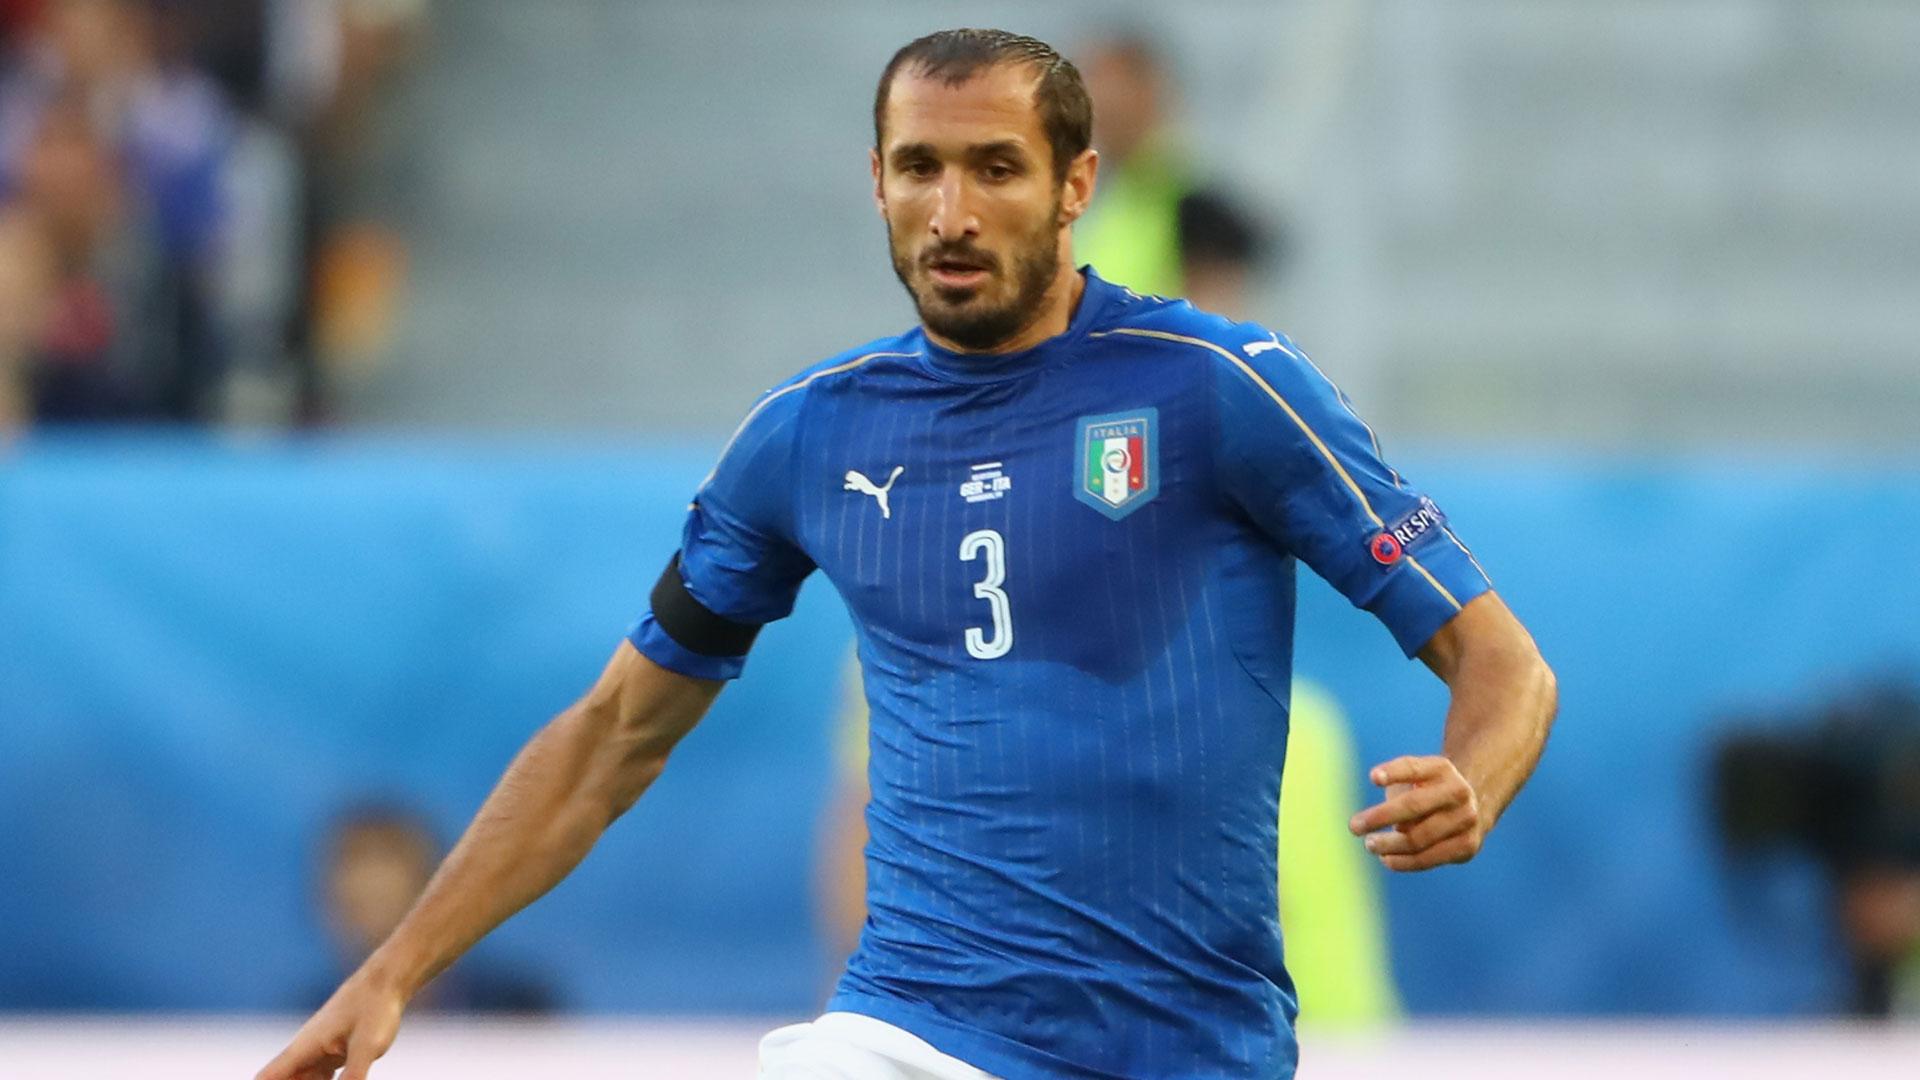 Infortunio Chiellini/ Problema al polpaccio: addio Spagna e la Juventus trema…